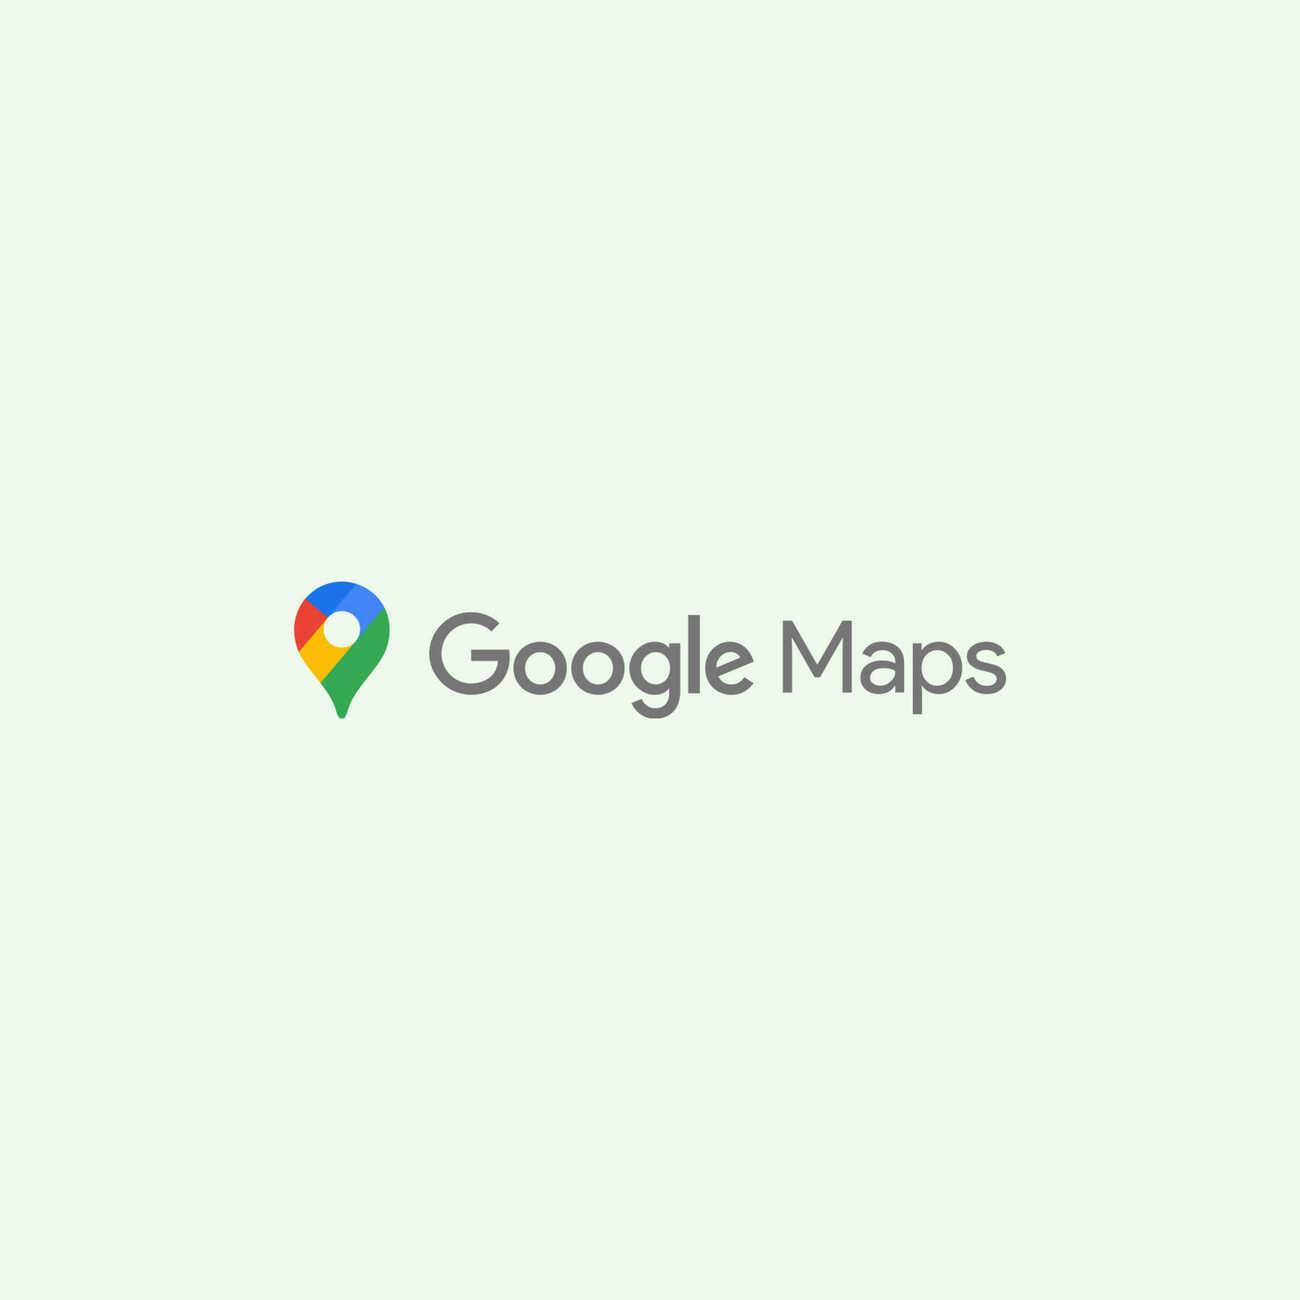 Hoe maak ik mijn Google Maps API key aan?